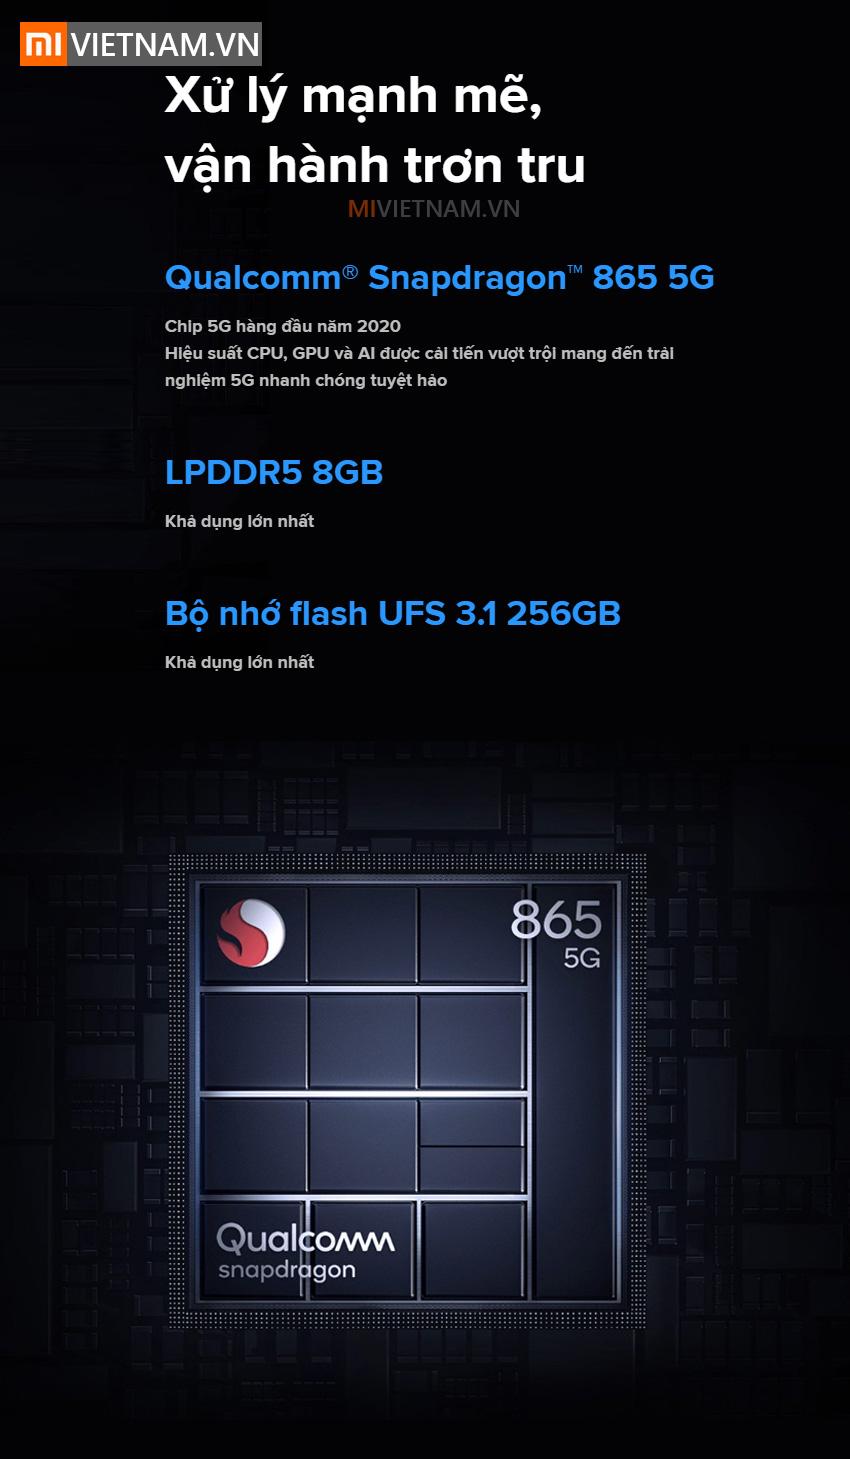 Xử lý mạnh mẽ vận hành trơn tru | Xiaomi Mi 10T Pro 5G